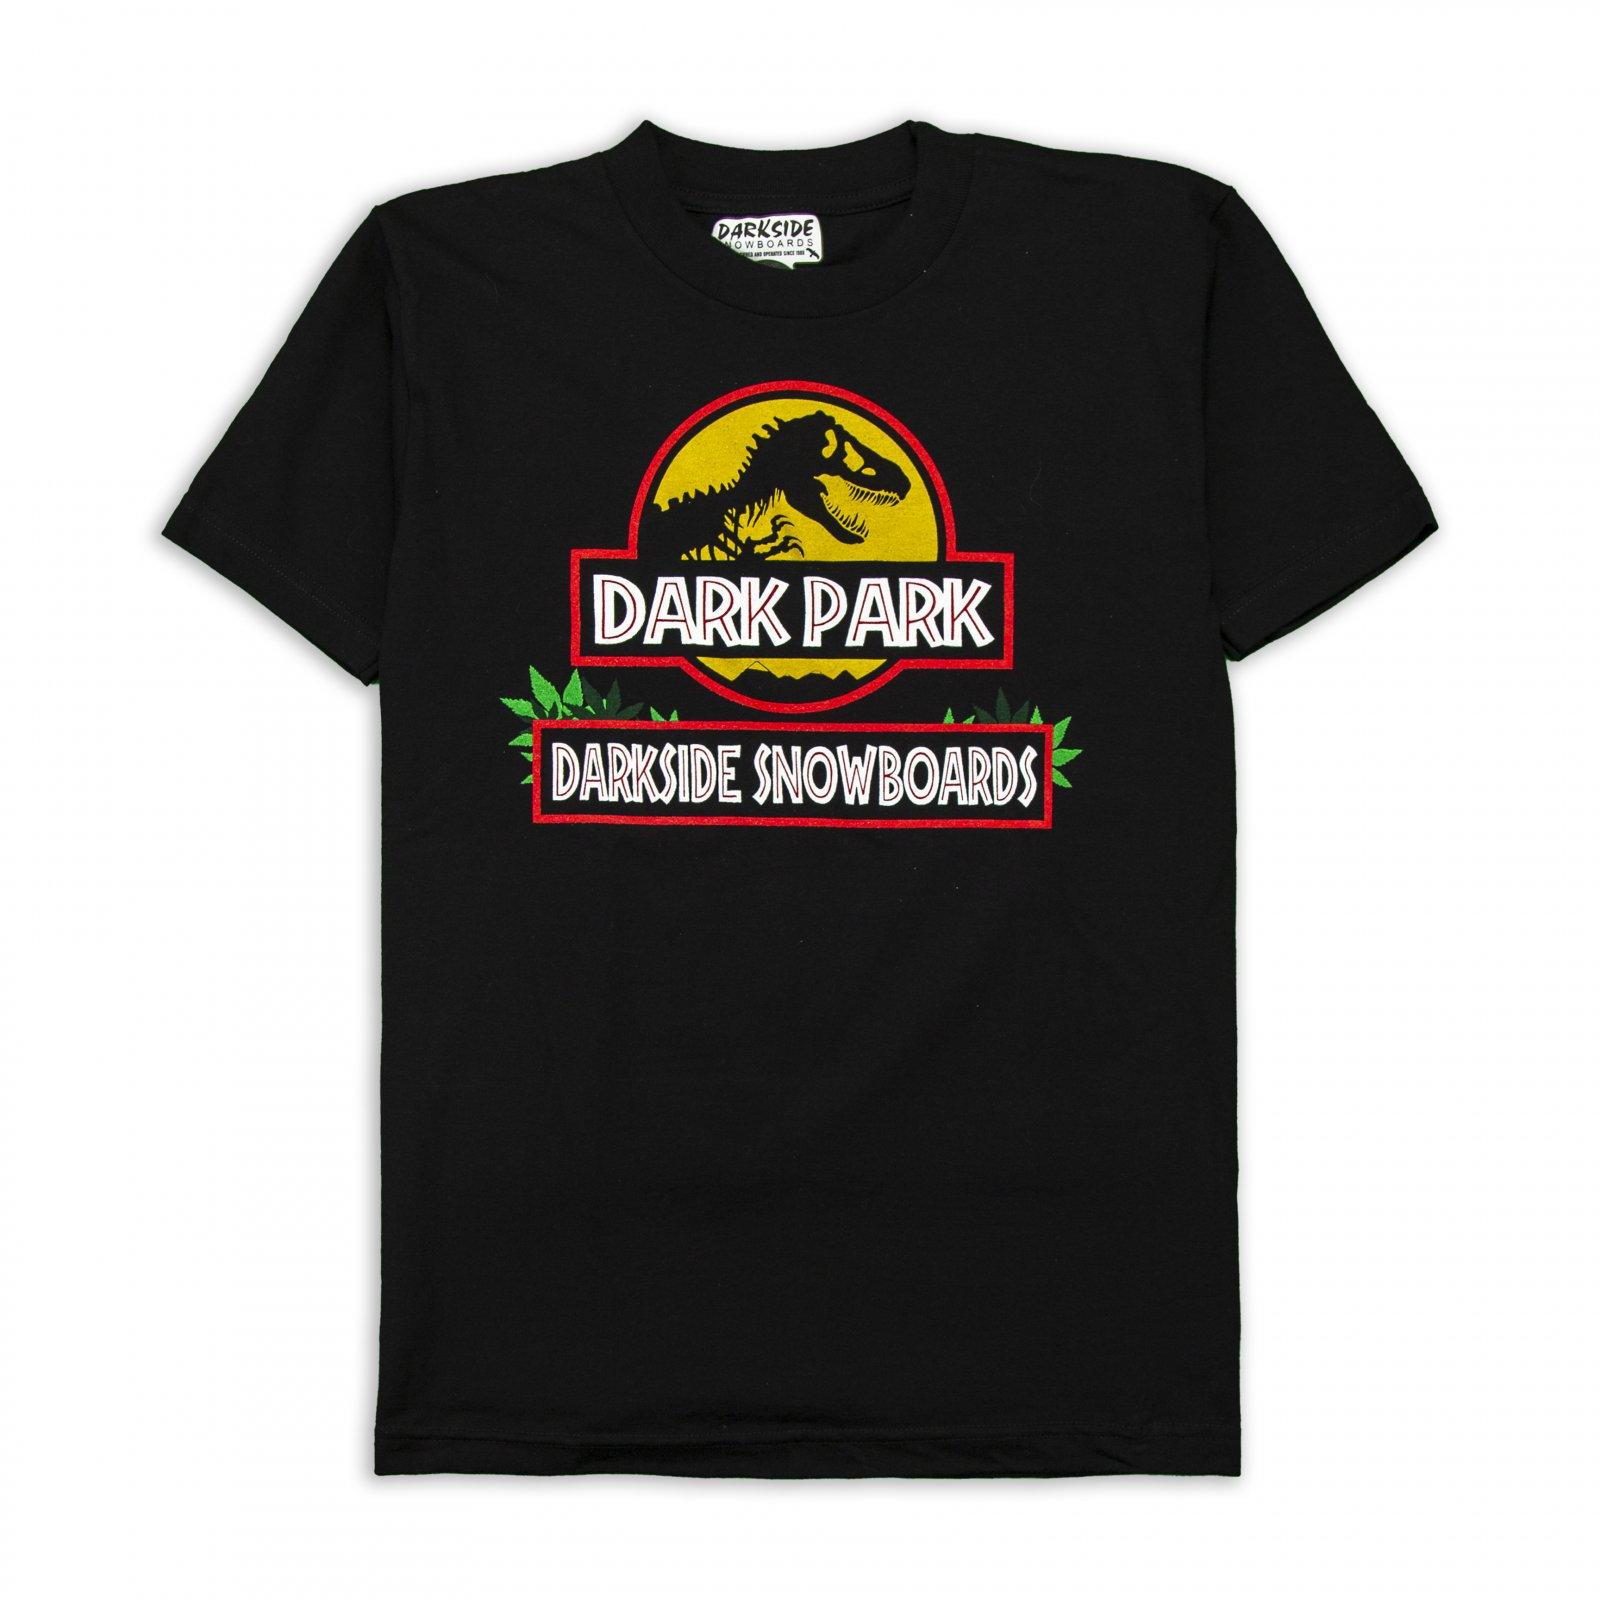 Darkside Dark Park Black T-Shirt